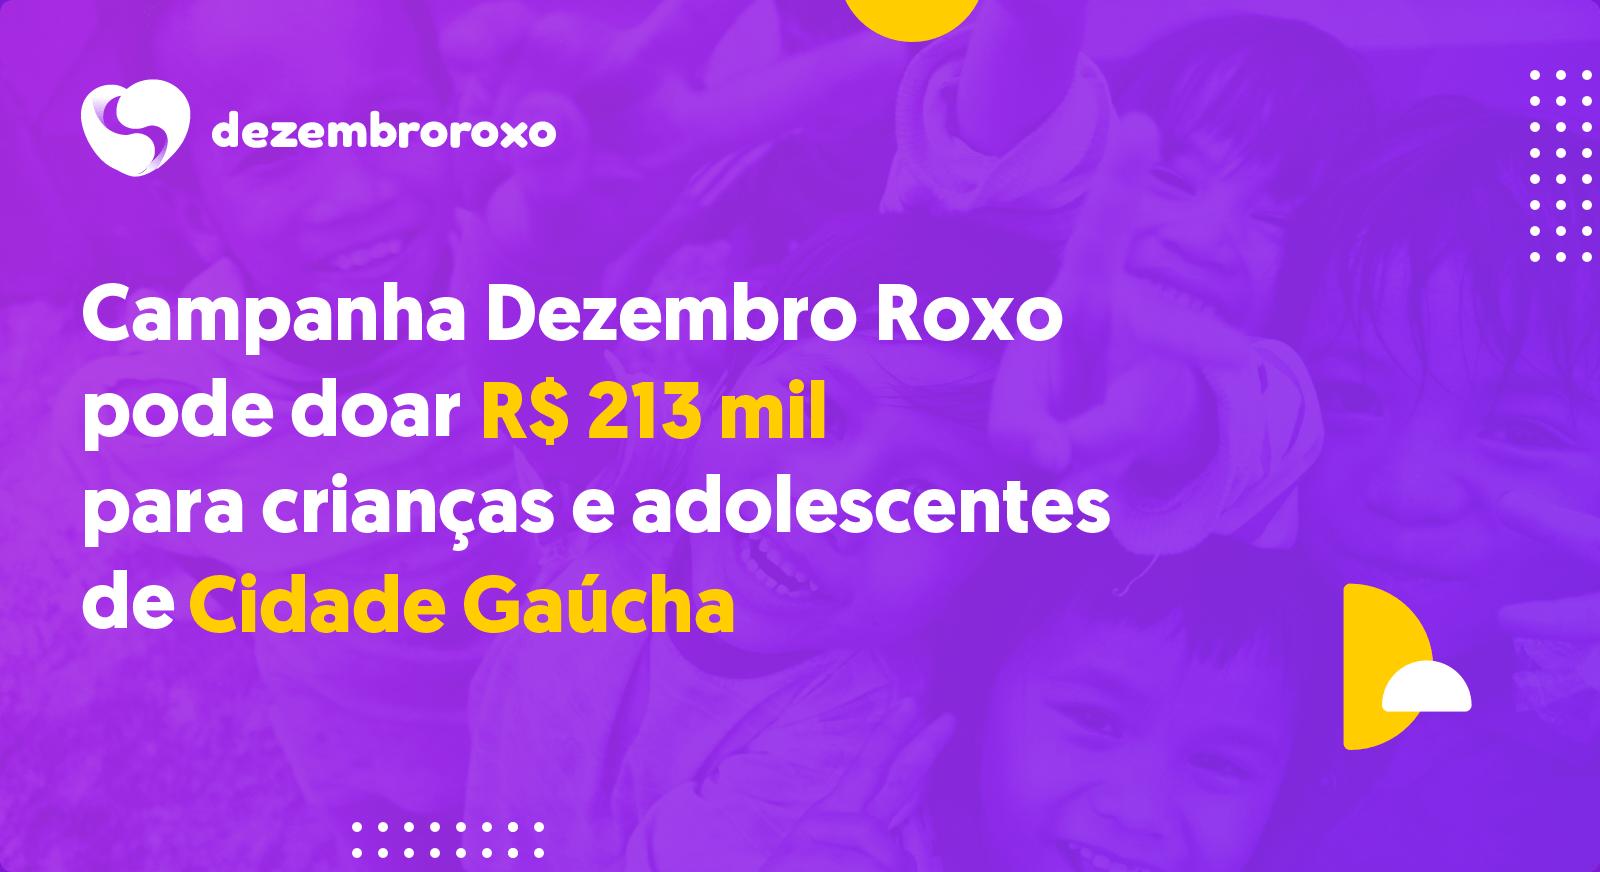 Doações em Cidade Gaúcha - PR